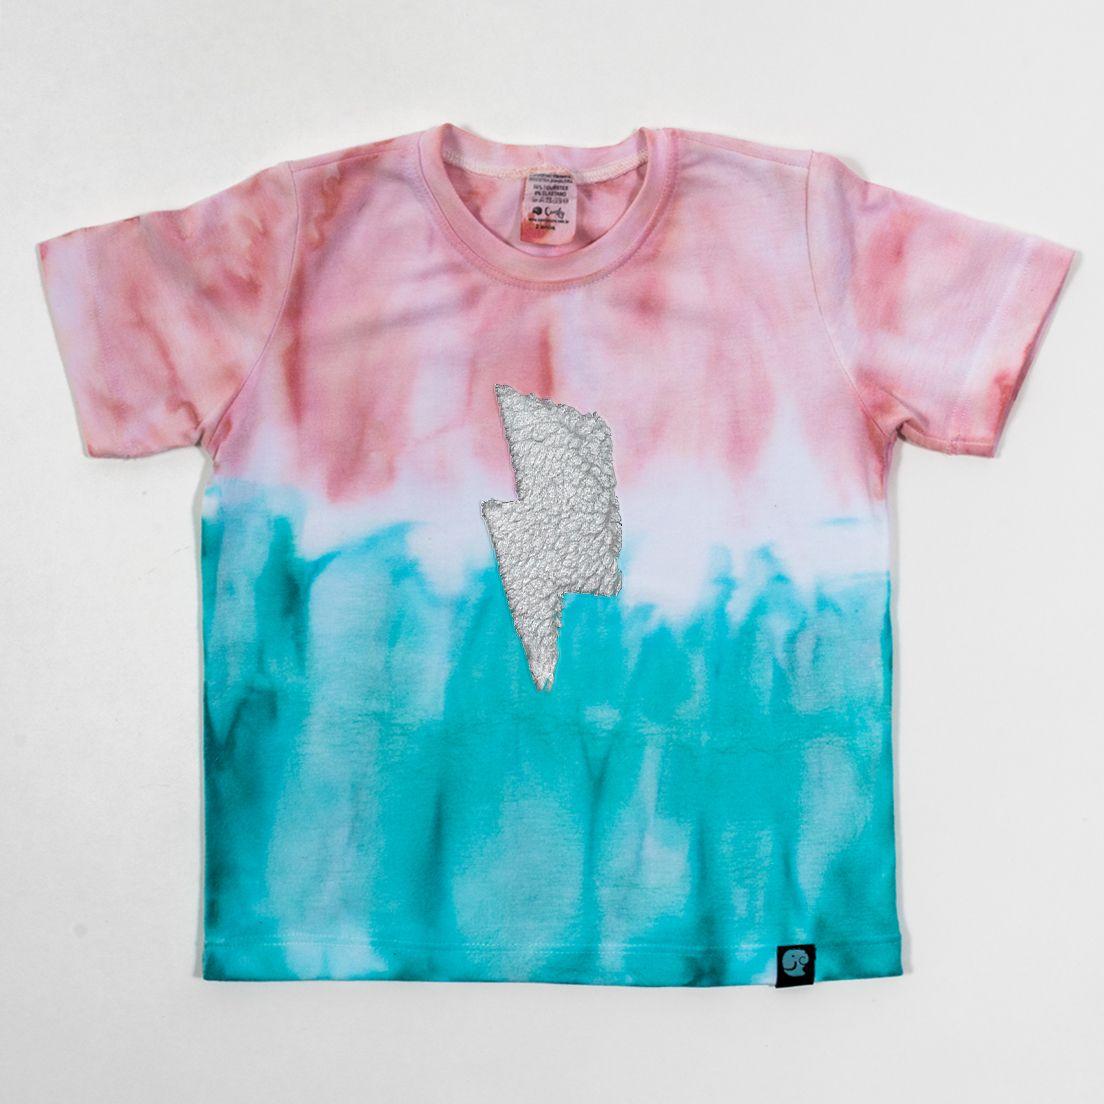 Camiseta Tie Dye Comfy Raio